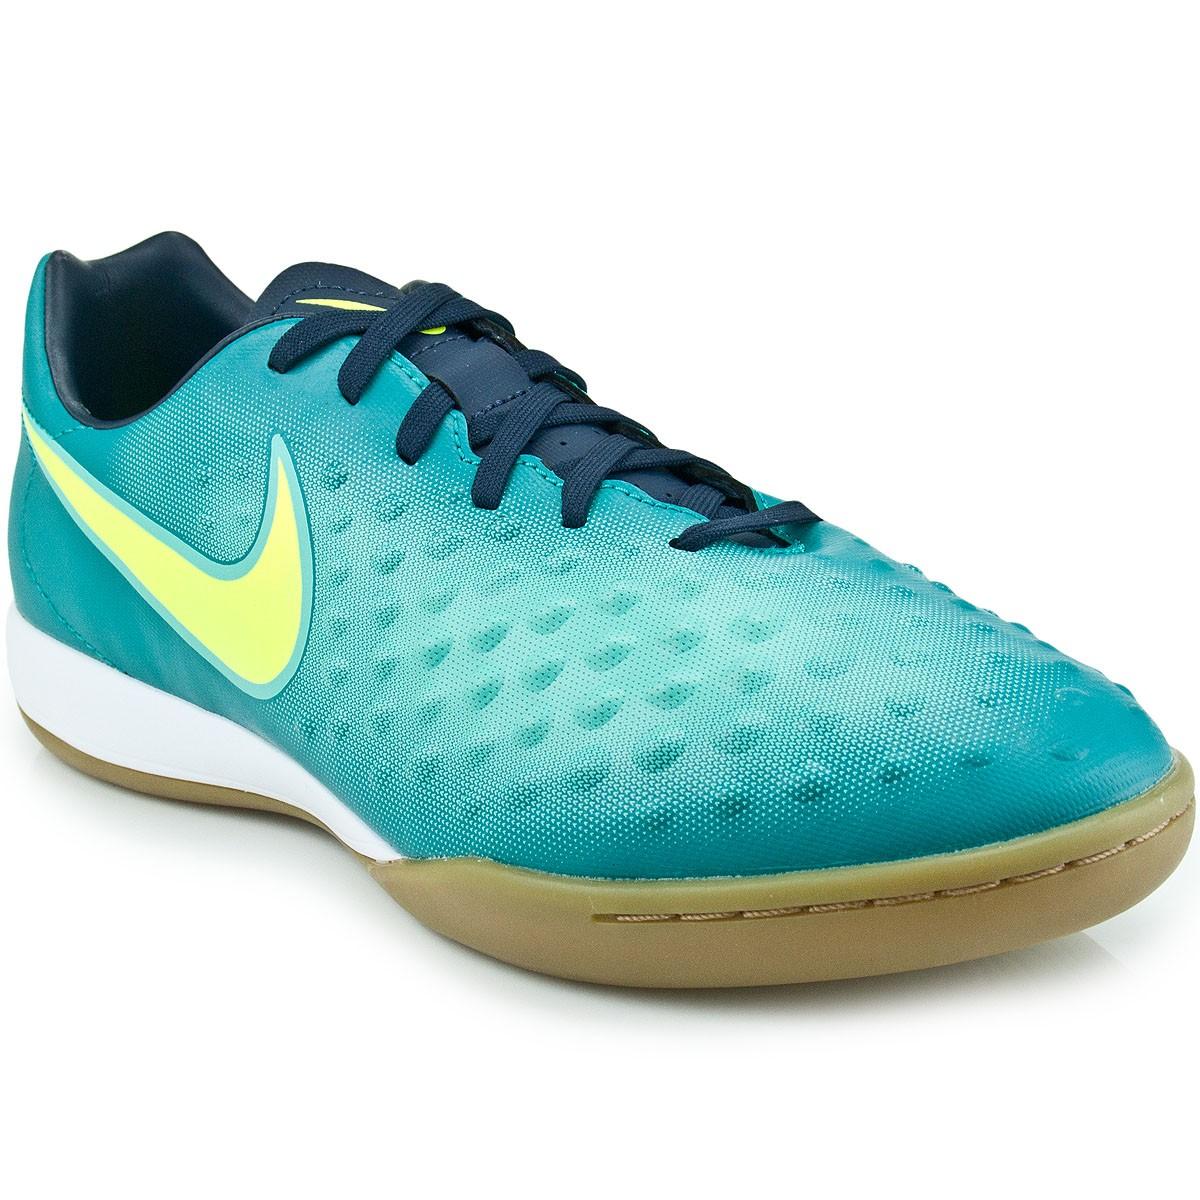 b48efb32b9 Chuteira Nike Magista Onda II IC